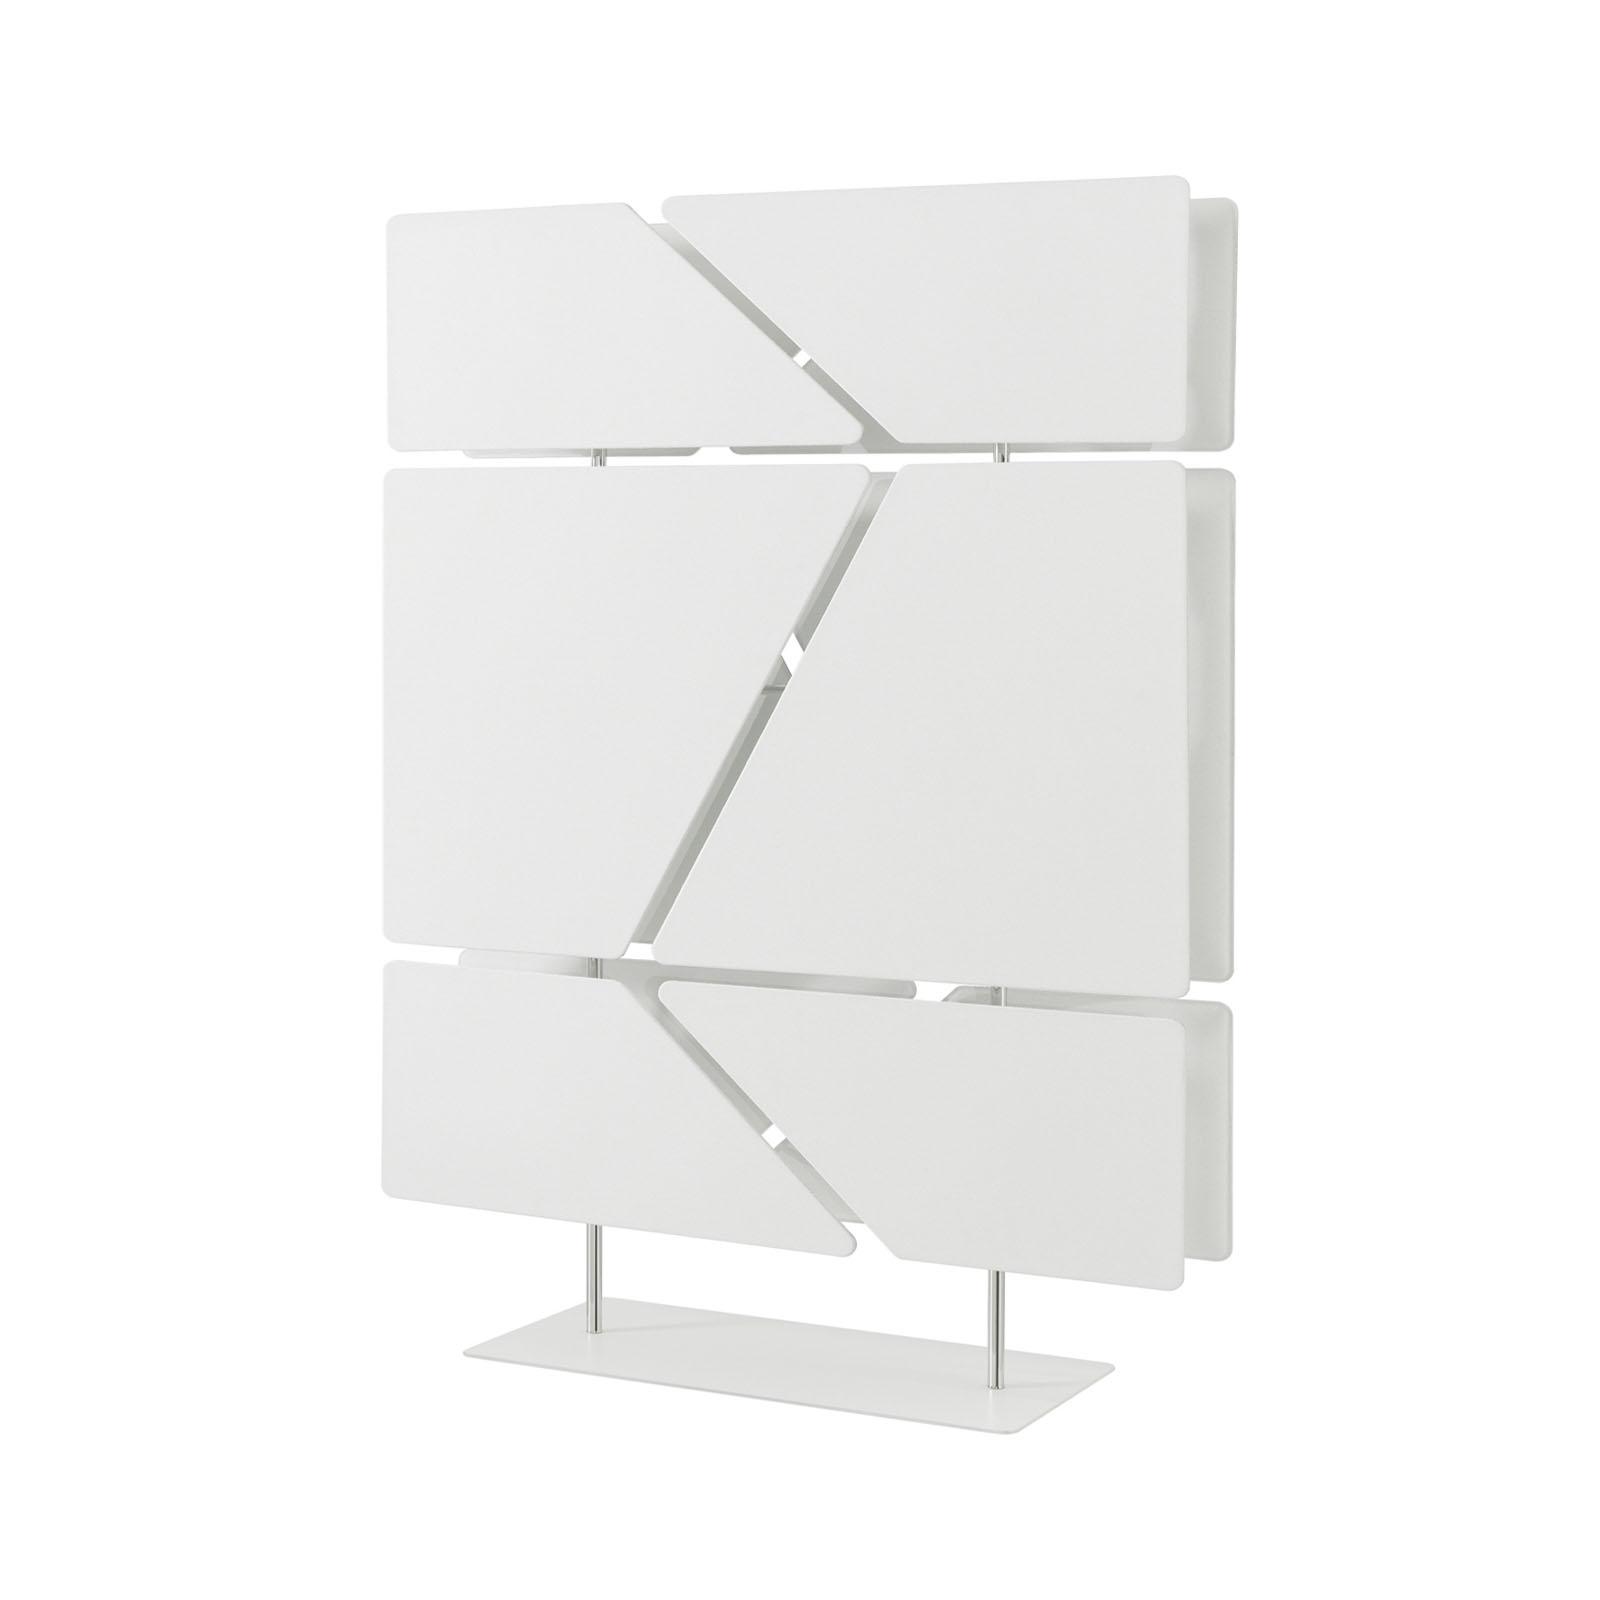 CAIMI Caimi Flat Floor - Gamme de panneaux acoustiques à poser type totem